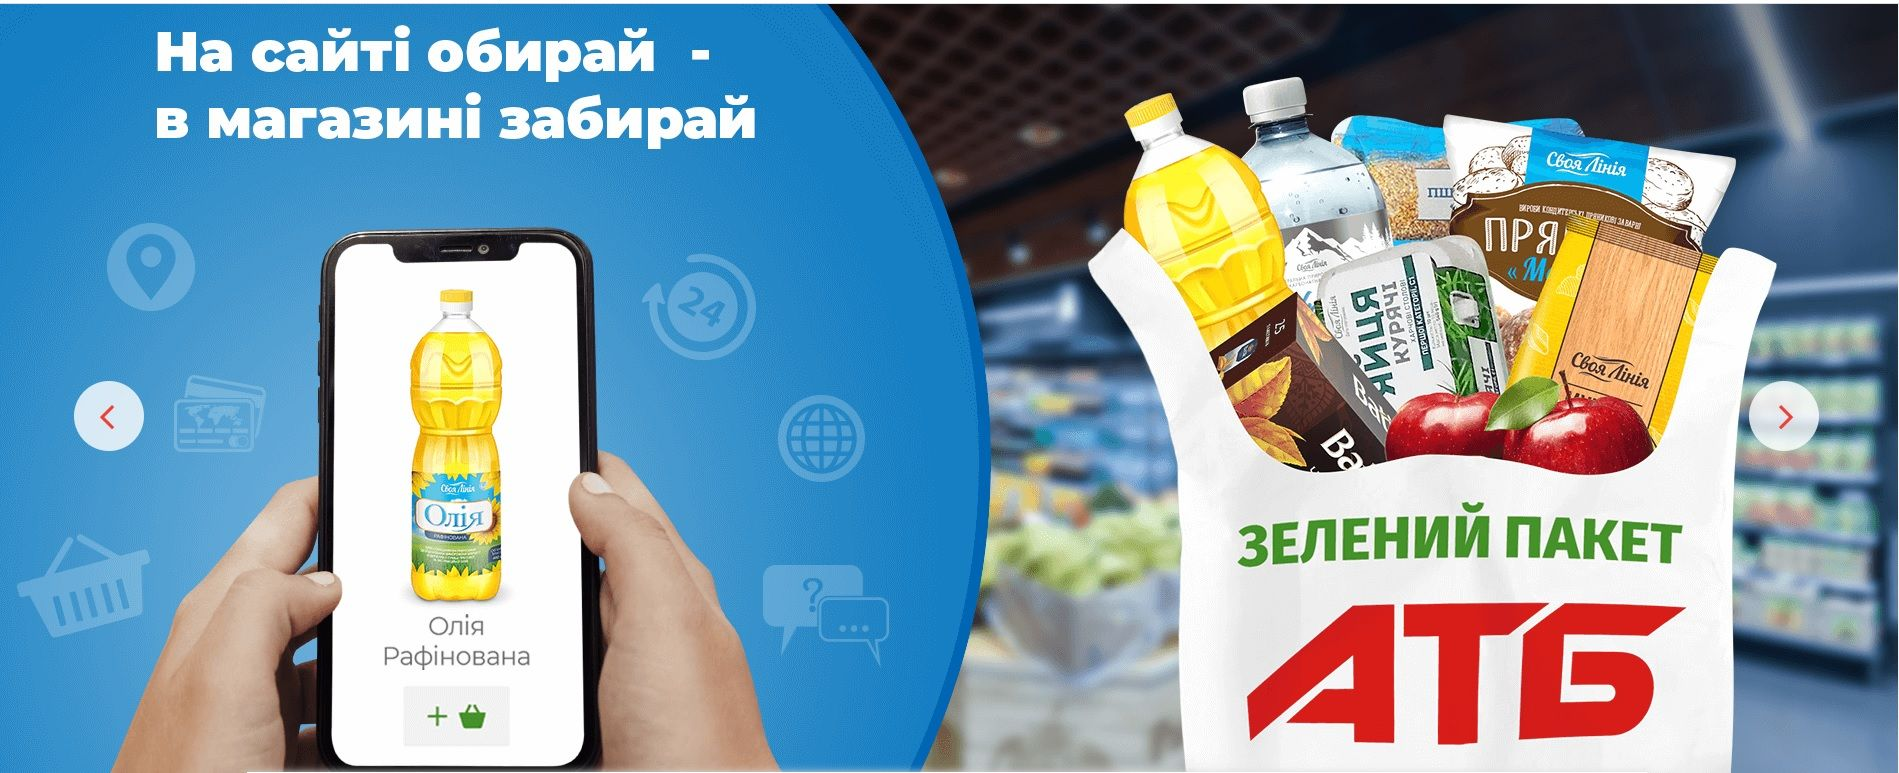 доставка товаров от интернет-магазин «АТБ»